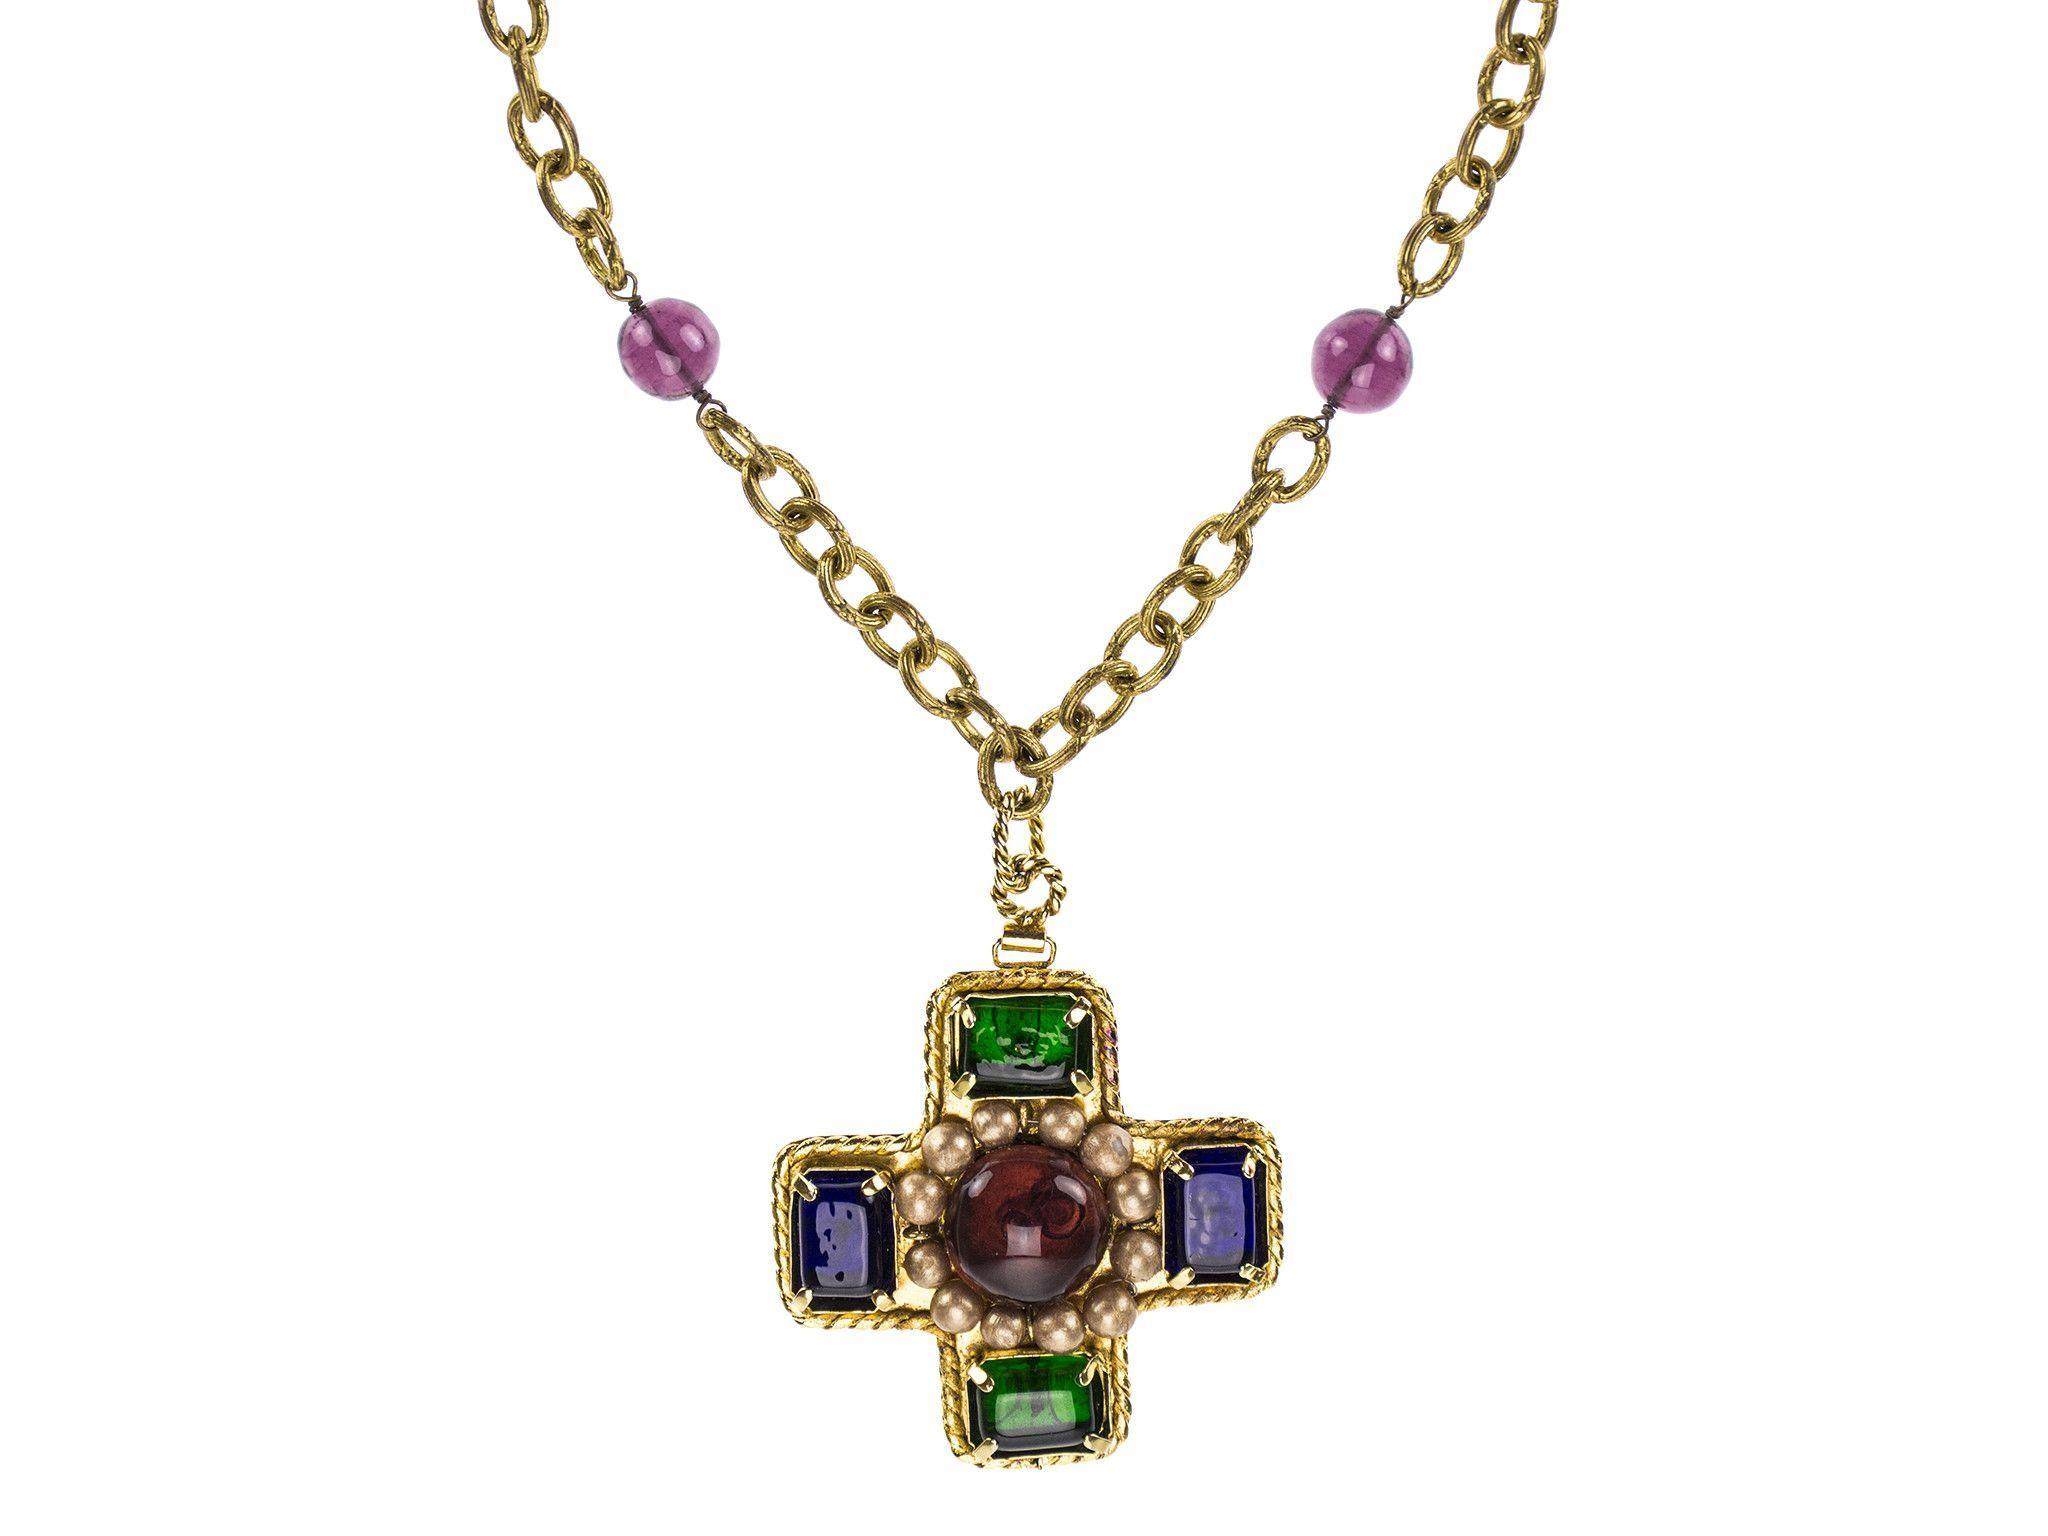 Chanel vintage purple gripoix cross pendant necklace jewelry chanel vintage purple gripoix cross pendant necklace aloadofball Choice Image